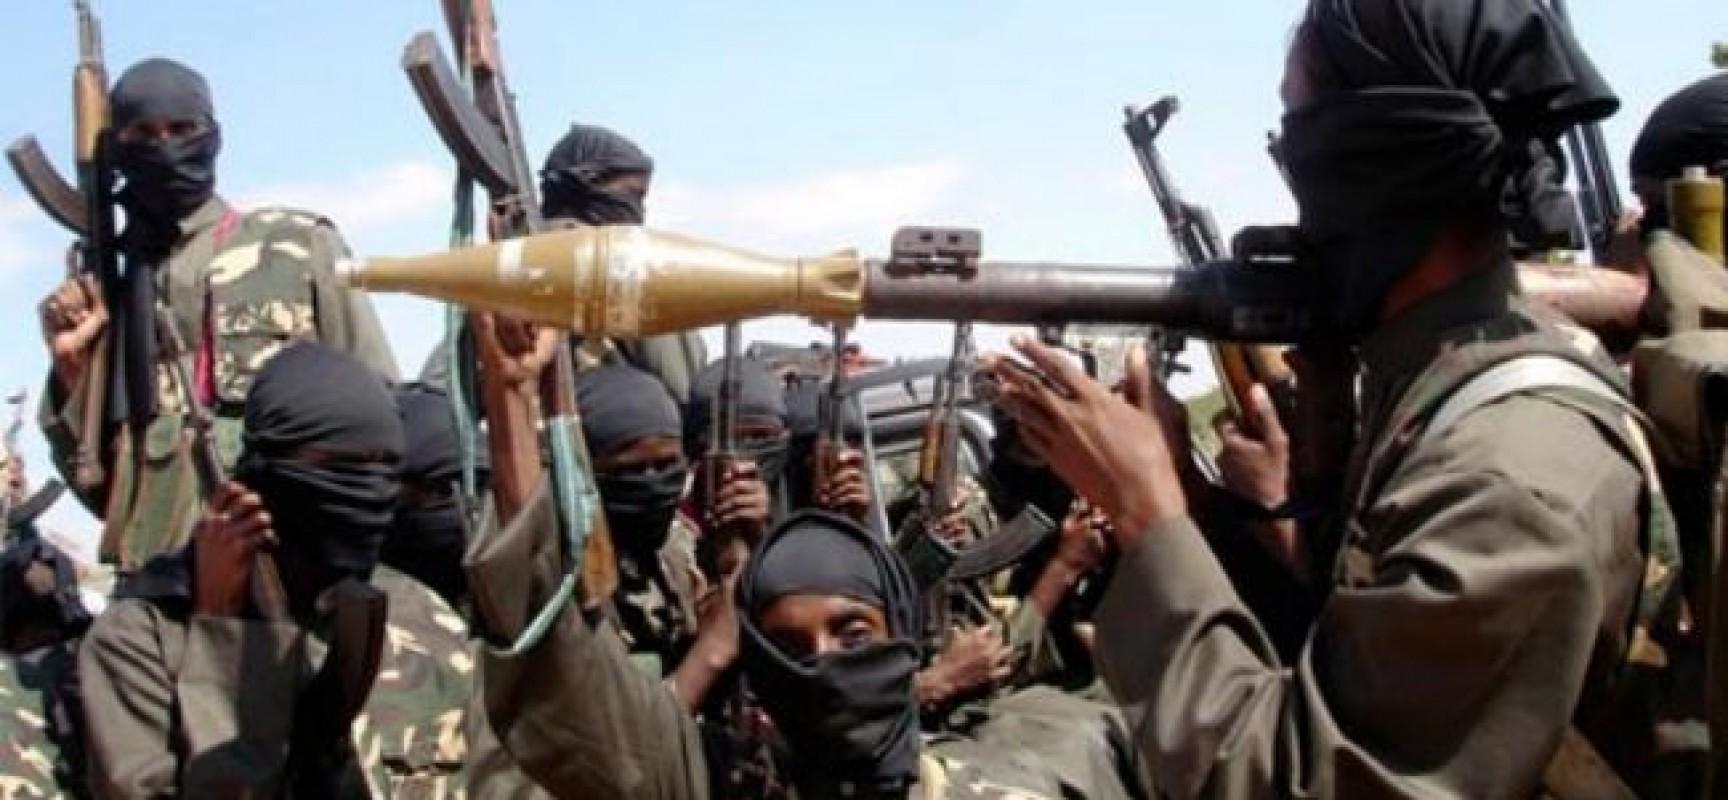 TERRORISME : Les résultats inquiétants d'une étude en banlieue dakaroise